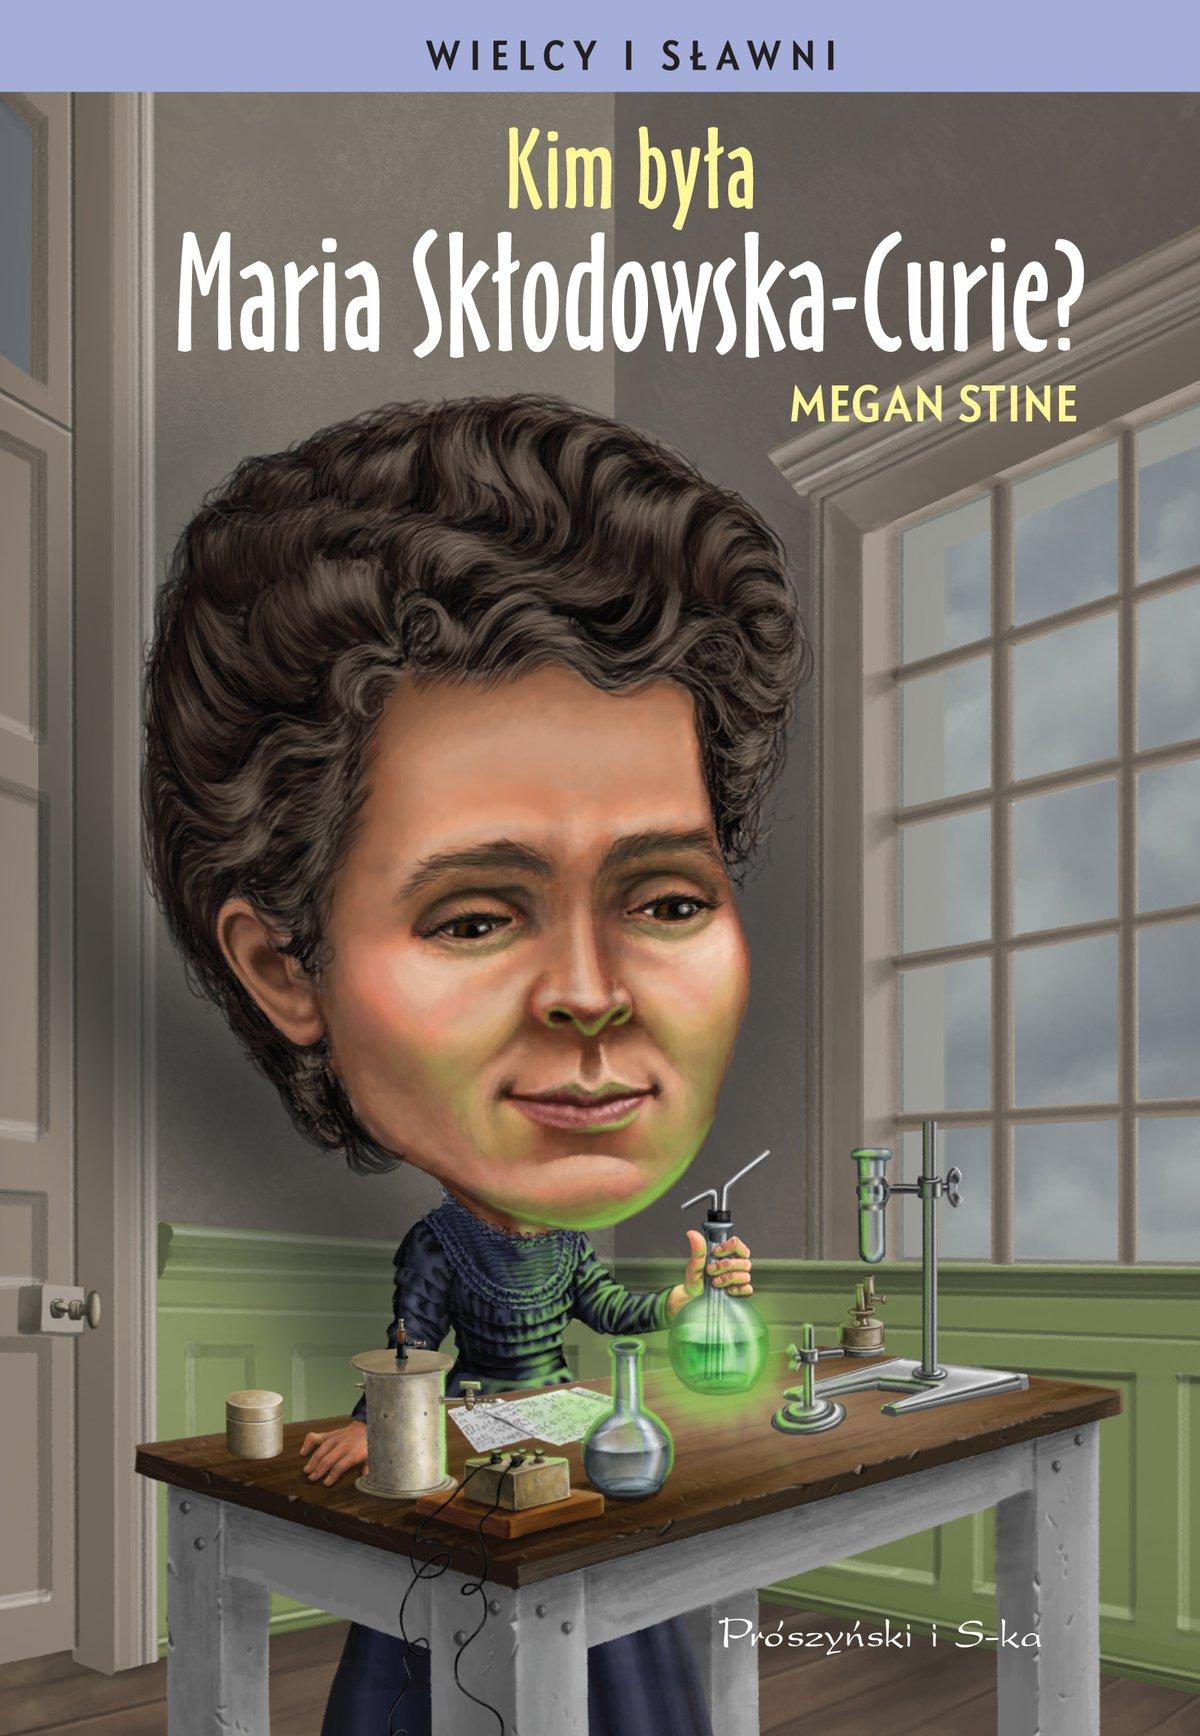 Kim była Maria Skłodowska-Curie? - Ebook (Książka na Kindle) do pobrania w formacie MOBI